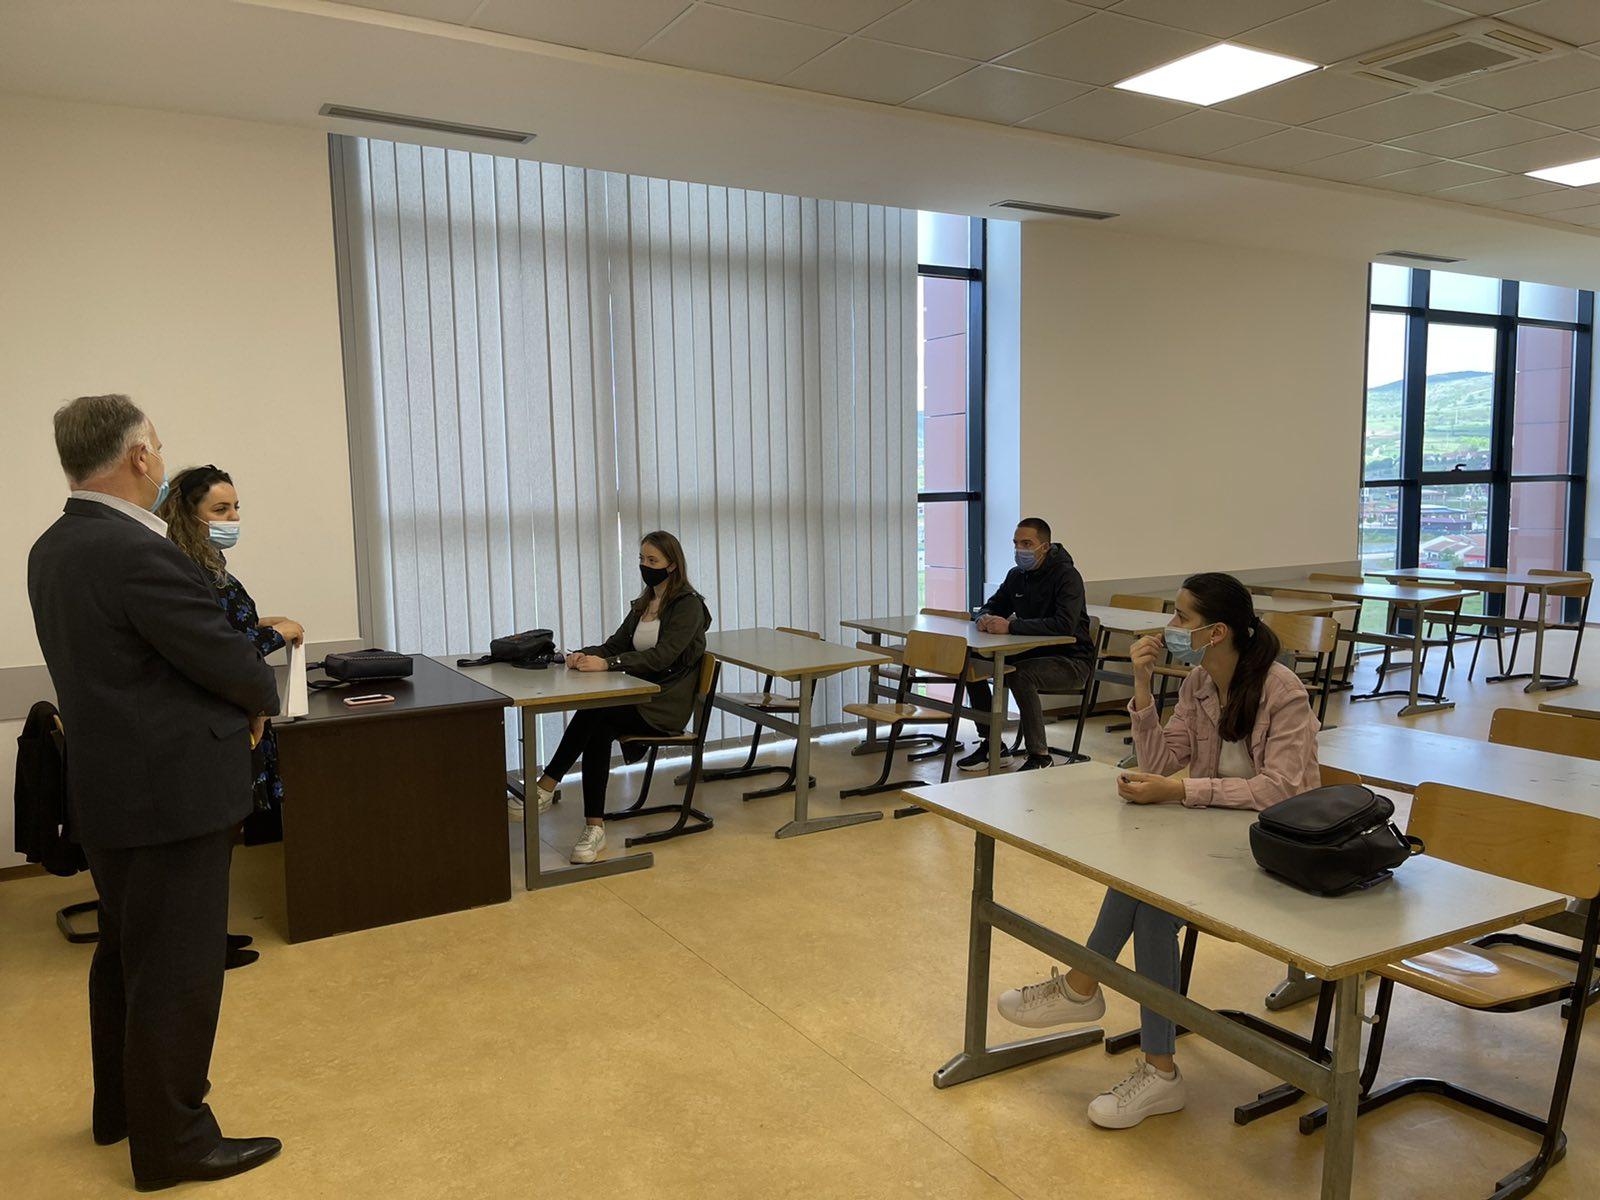 Tre studentë të Ekonomikut presin të vazhdojnë studimet në një universitet teknik në Poloni